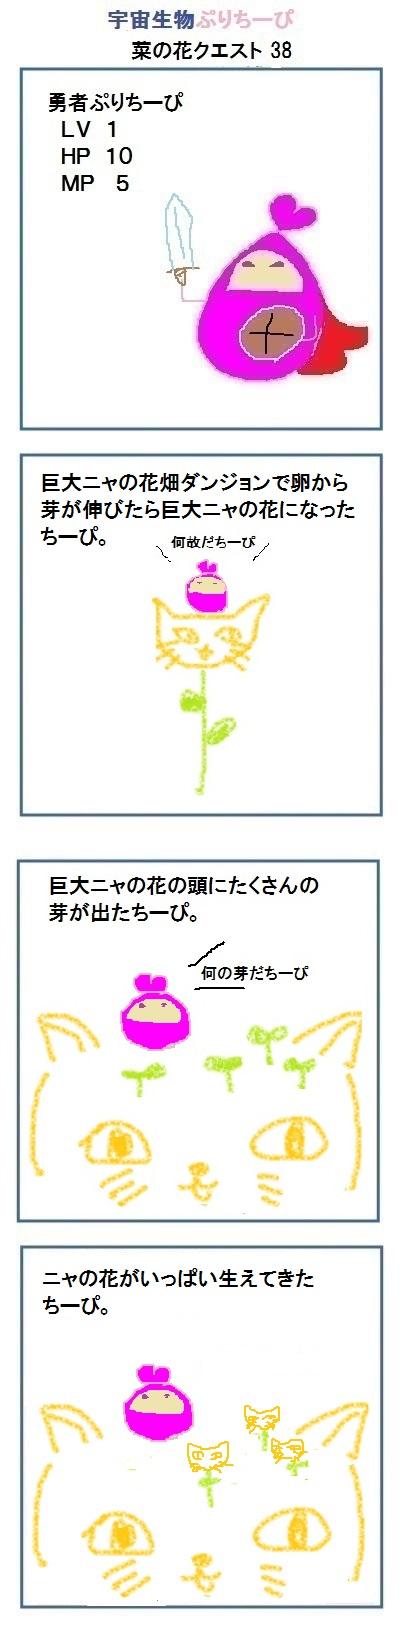 160421菜の花38